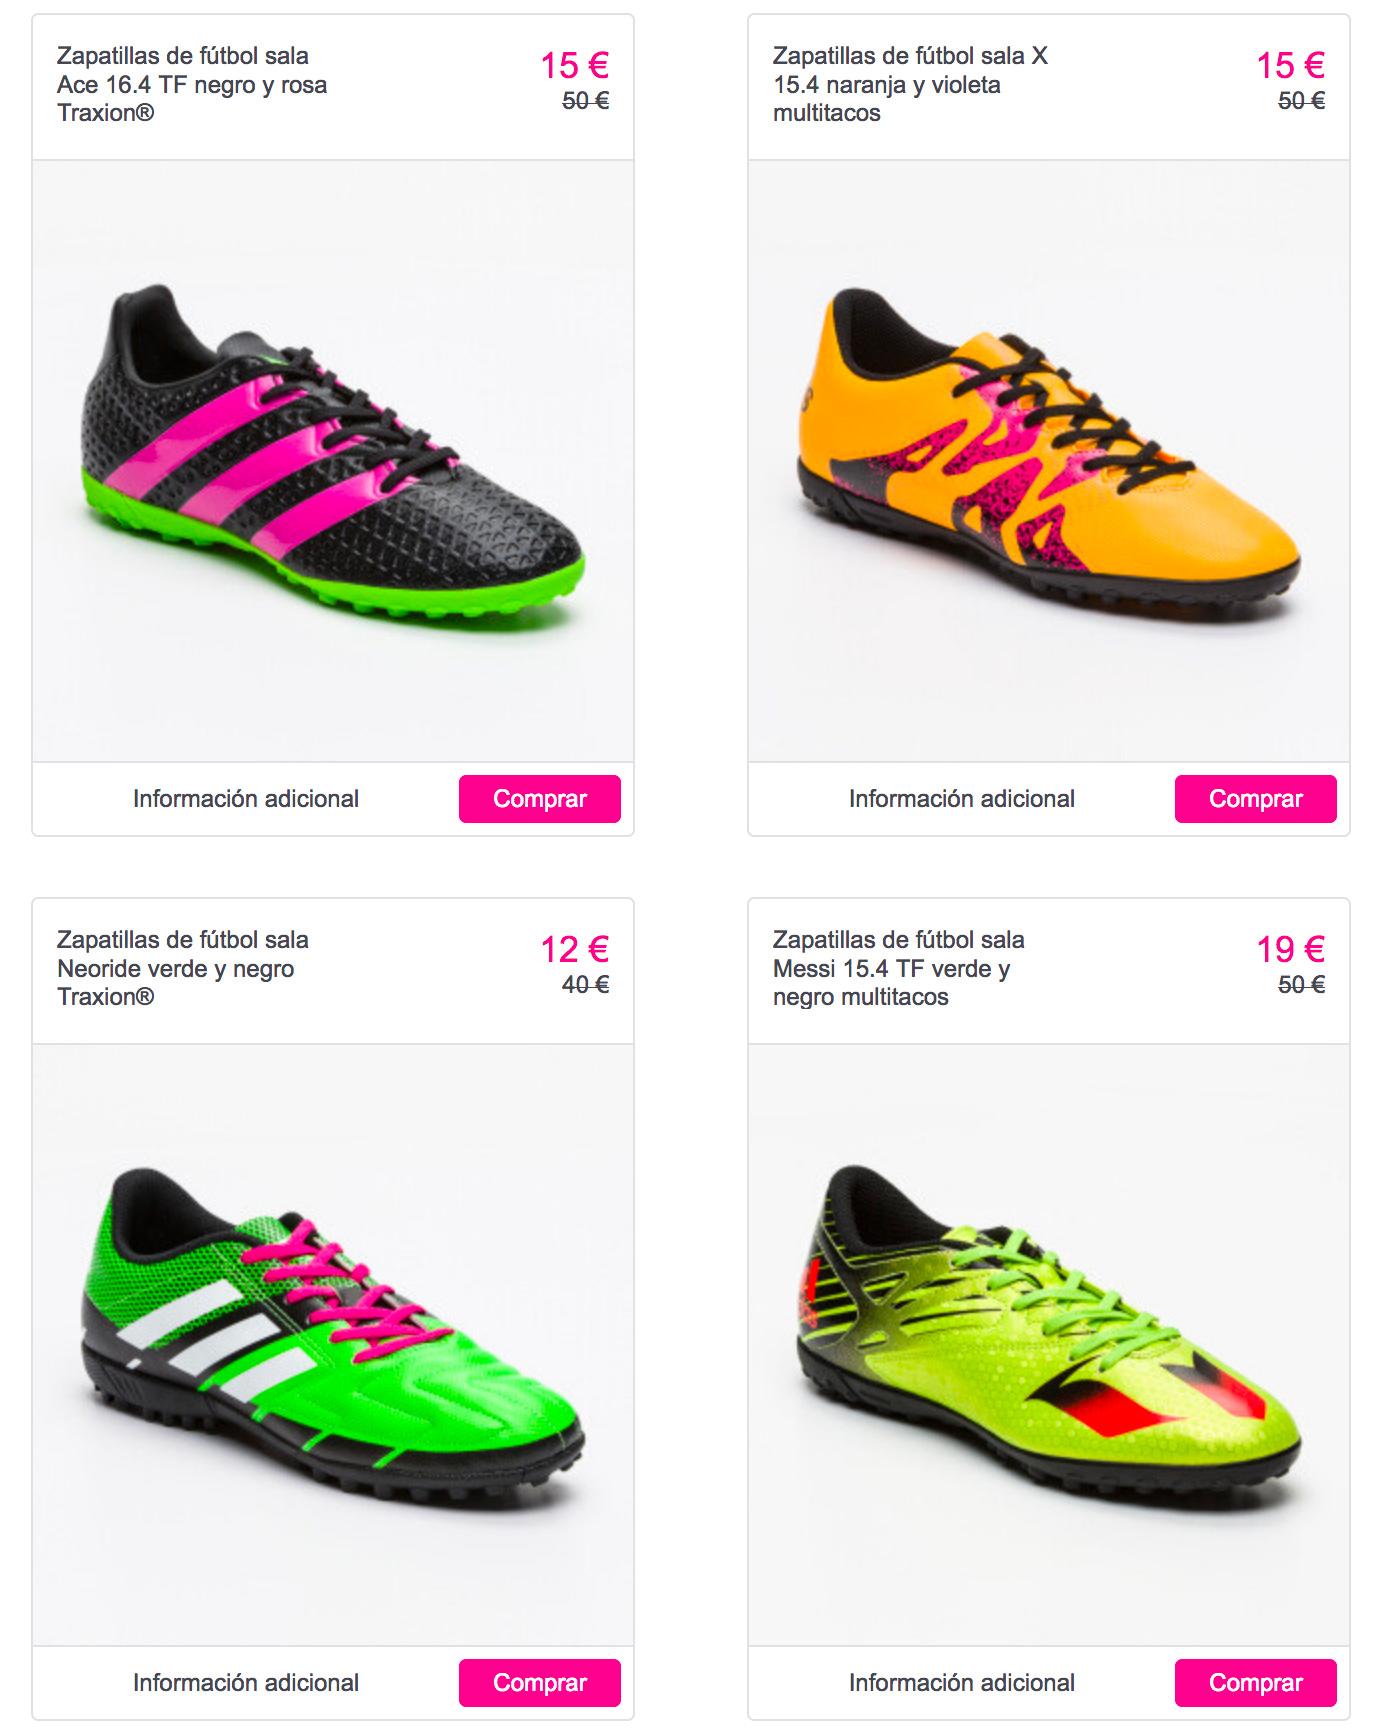 buy online 5a269 c0196 Completa la categoría Performance la sección para bebés y niños, en ésta  las zapatillas estarán disponibles desde la talla 22 hasta la 38,00 con  precios ...